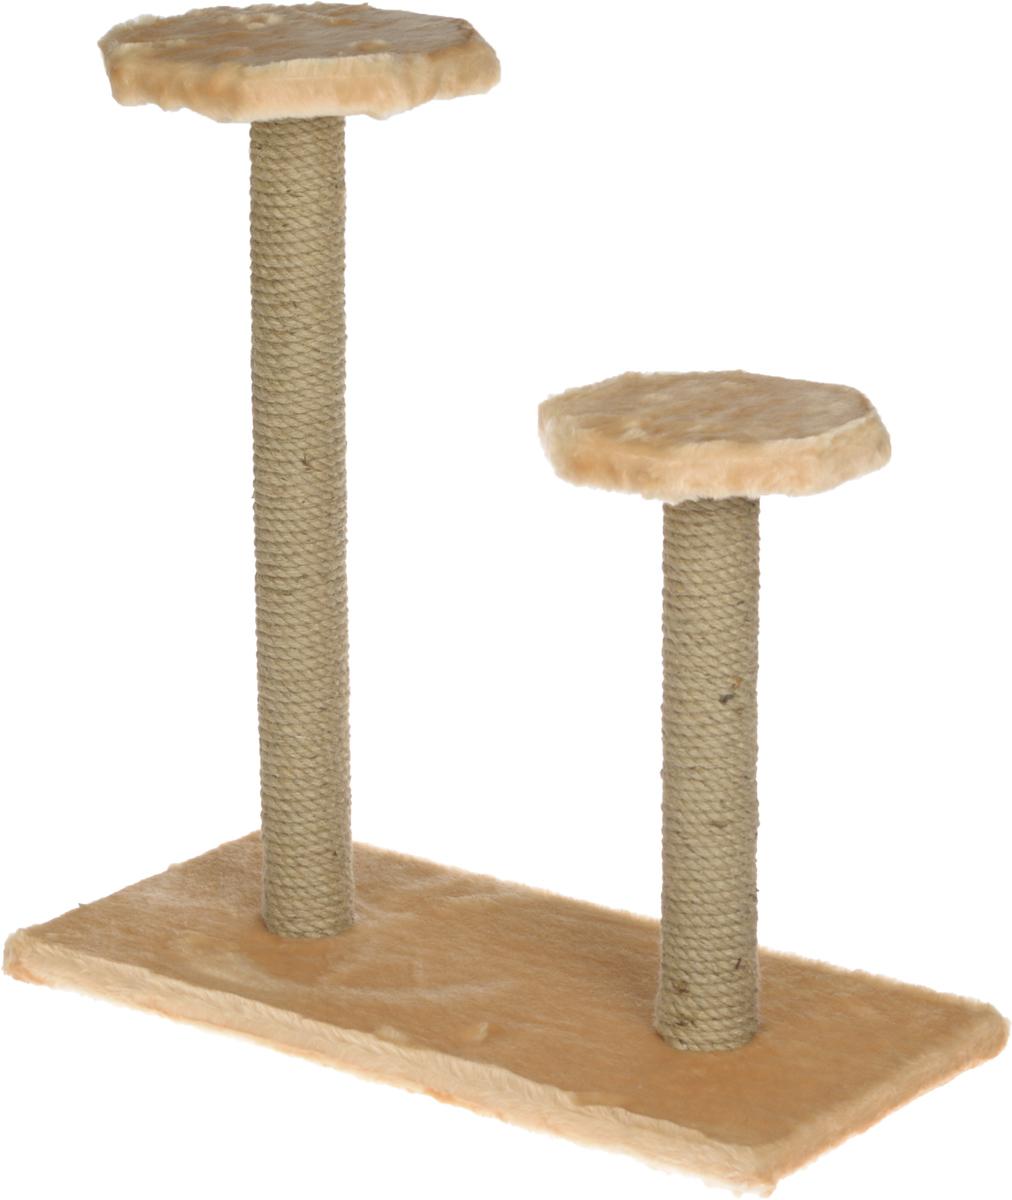 Когтеточка ЗооМарк, на подставке, с полками, цвет: бежевый, 56 х 31 х 64 см108_бежевыйКогтеточка ЗооМарк поможет сохранить мебель и ковры в доме от когтей вашего любимца, стремящегося удовлетворить свою естественную потребность точить когти. Когтеточка изготовлена из дерева, искусственного меха и джута. Товар продуман в мельчайших деталях и, несомненно, понравится вашей кошке. Имеется две полки.Всем кошкам необходимо стачивать когти. Когтеточка - один из самых необходимых аксессуаров для кошки. Для приучения к когтеточке можно натереть ее сухой валерьянкой или кошачьей мятой. Когтеточка поможет вашему любимцу стачивать когти и при этом не портить вашу мебель.